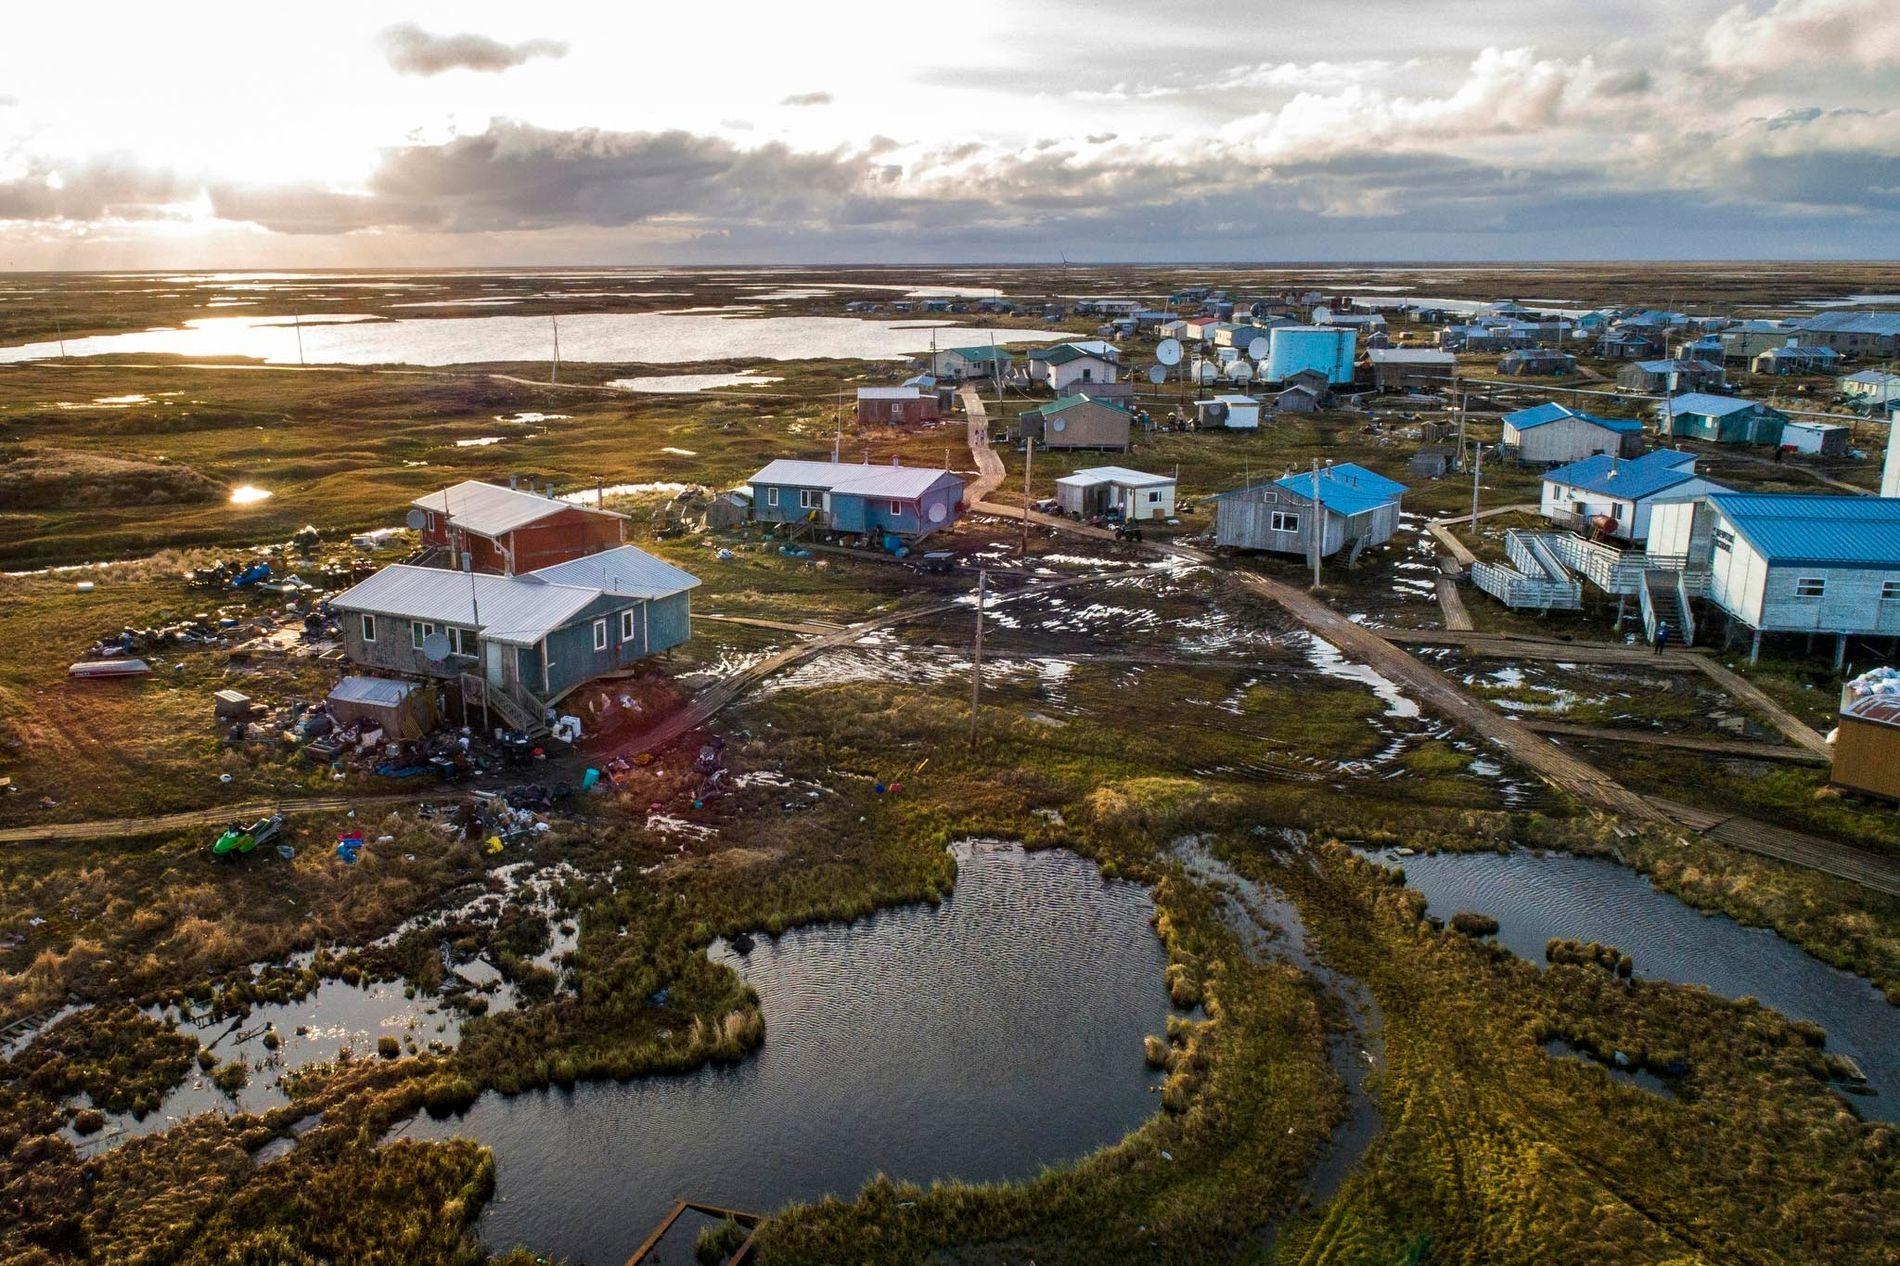 Le village yupik de Newtok, en Alaska, est bordé par les fleuves Ninglik et Newtok. Comme on peut le voir sur cette image, les terres sur lesquelles reposent le village rétrécissent et s'enfoncent en raison du réchauffement climatique, du dégel du pergélisol et de l'érosion. Newtok est la première communauté alaskienne à amorcer cette relocalisation contrainte par le climat et de nombreux autres villages de la région devront bientôt leur emboîter le pas.